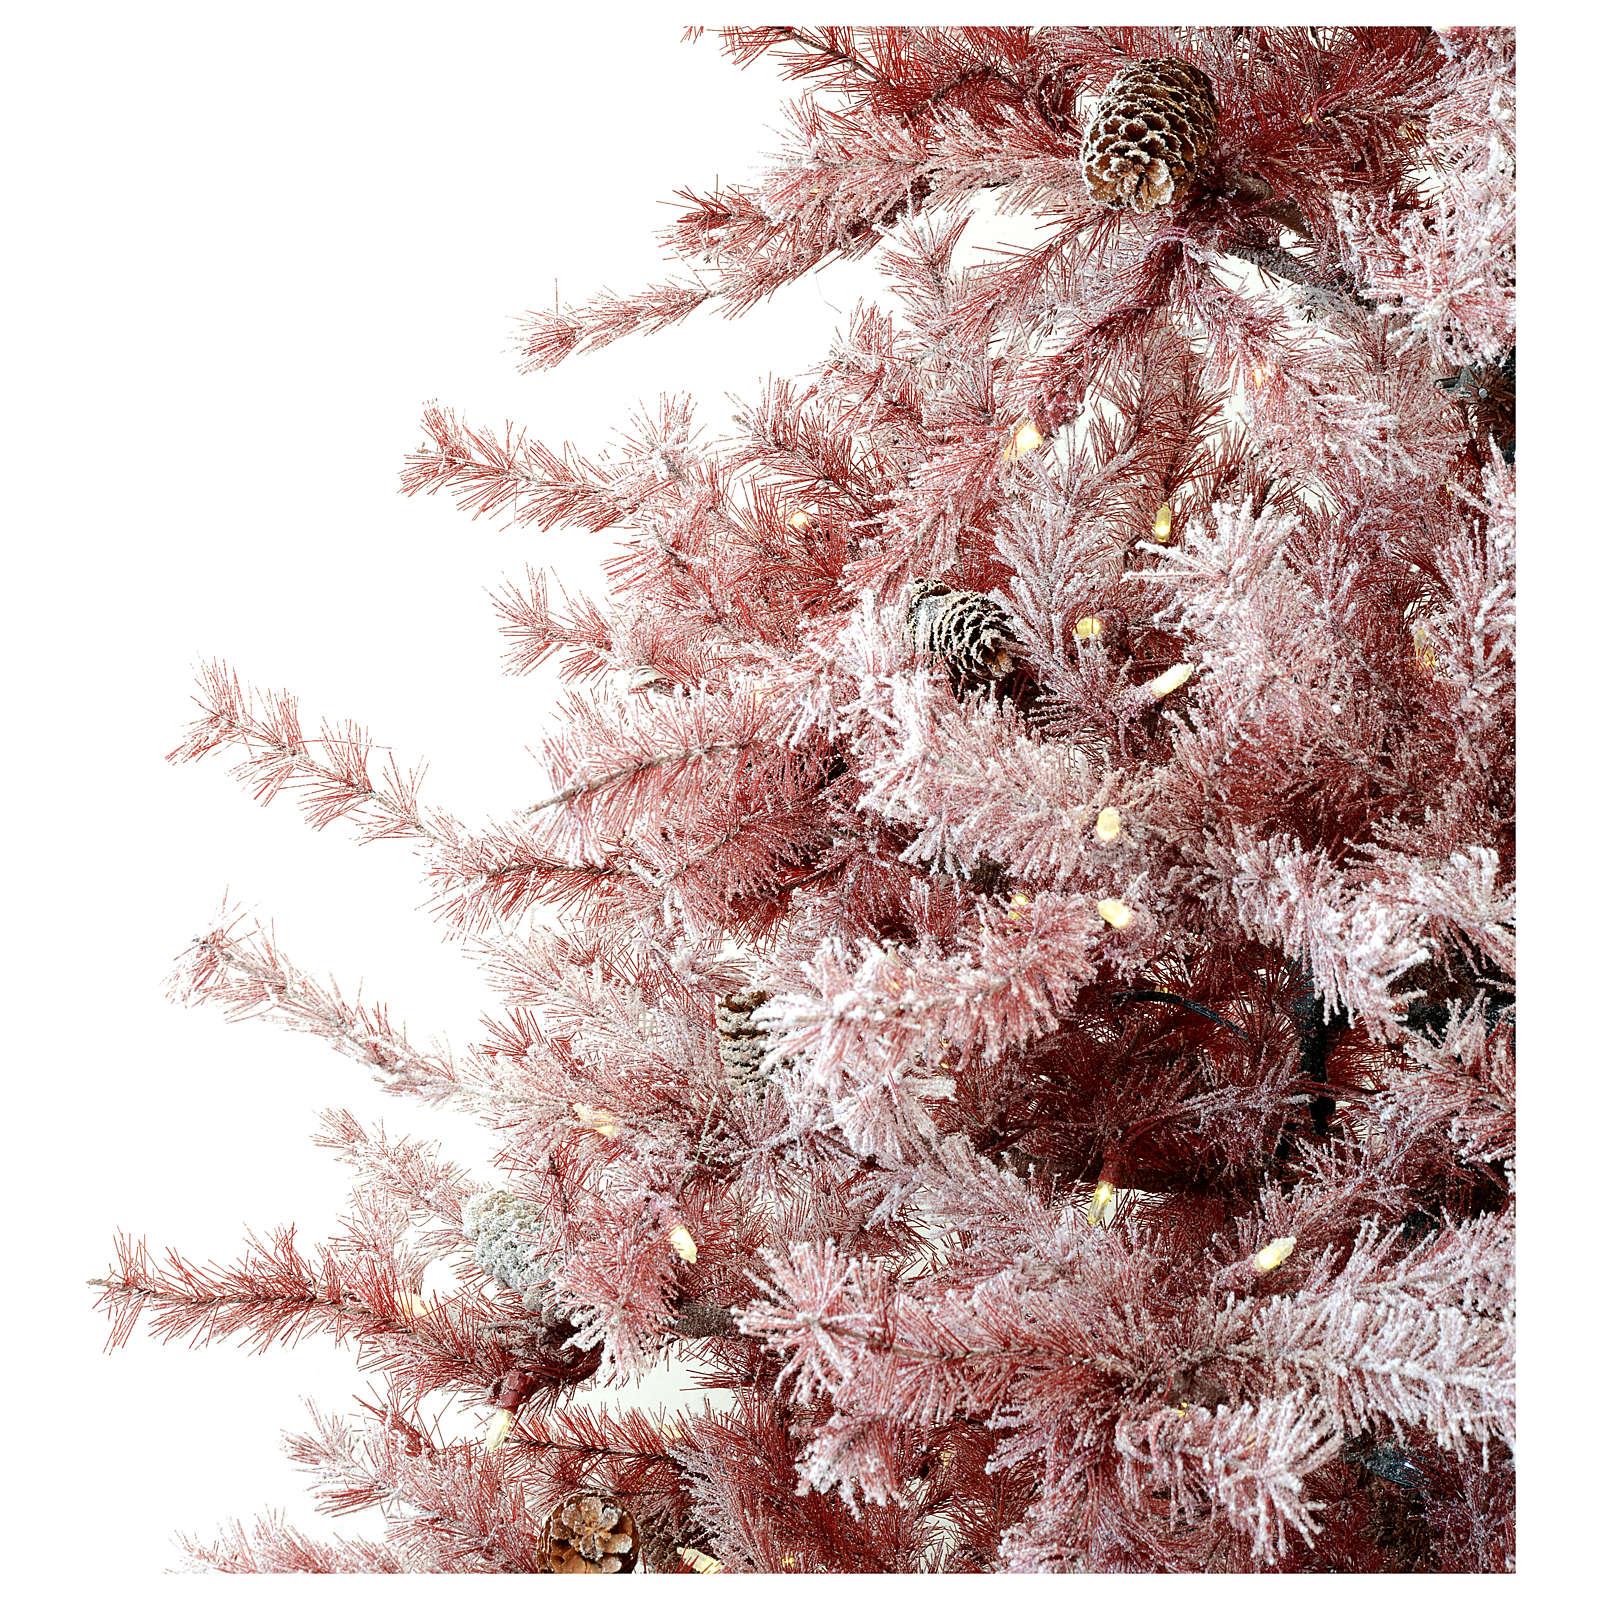 Árvore de Natal 230 cm Borgonha cristalizado pinhas 400 luzes exterior 3